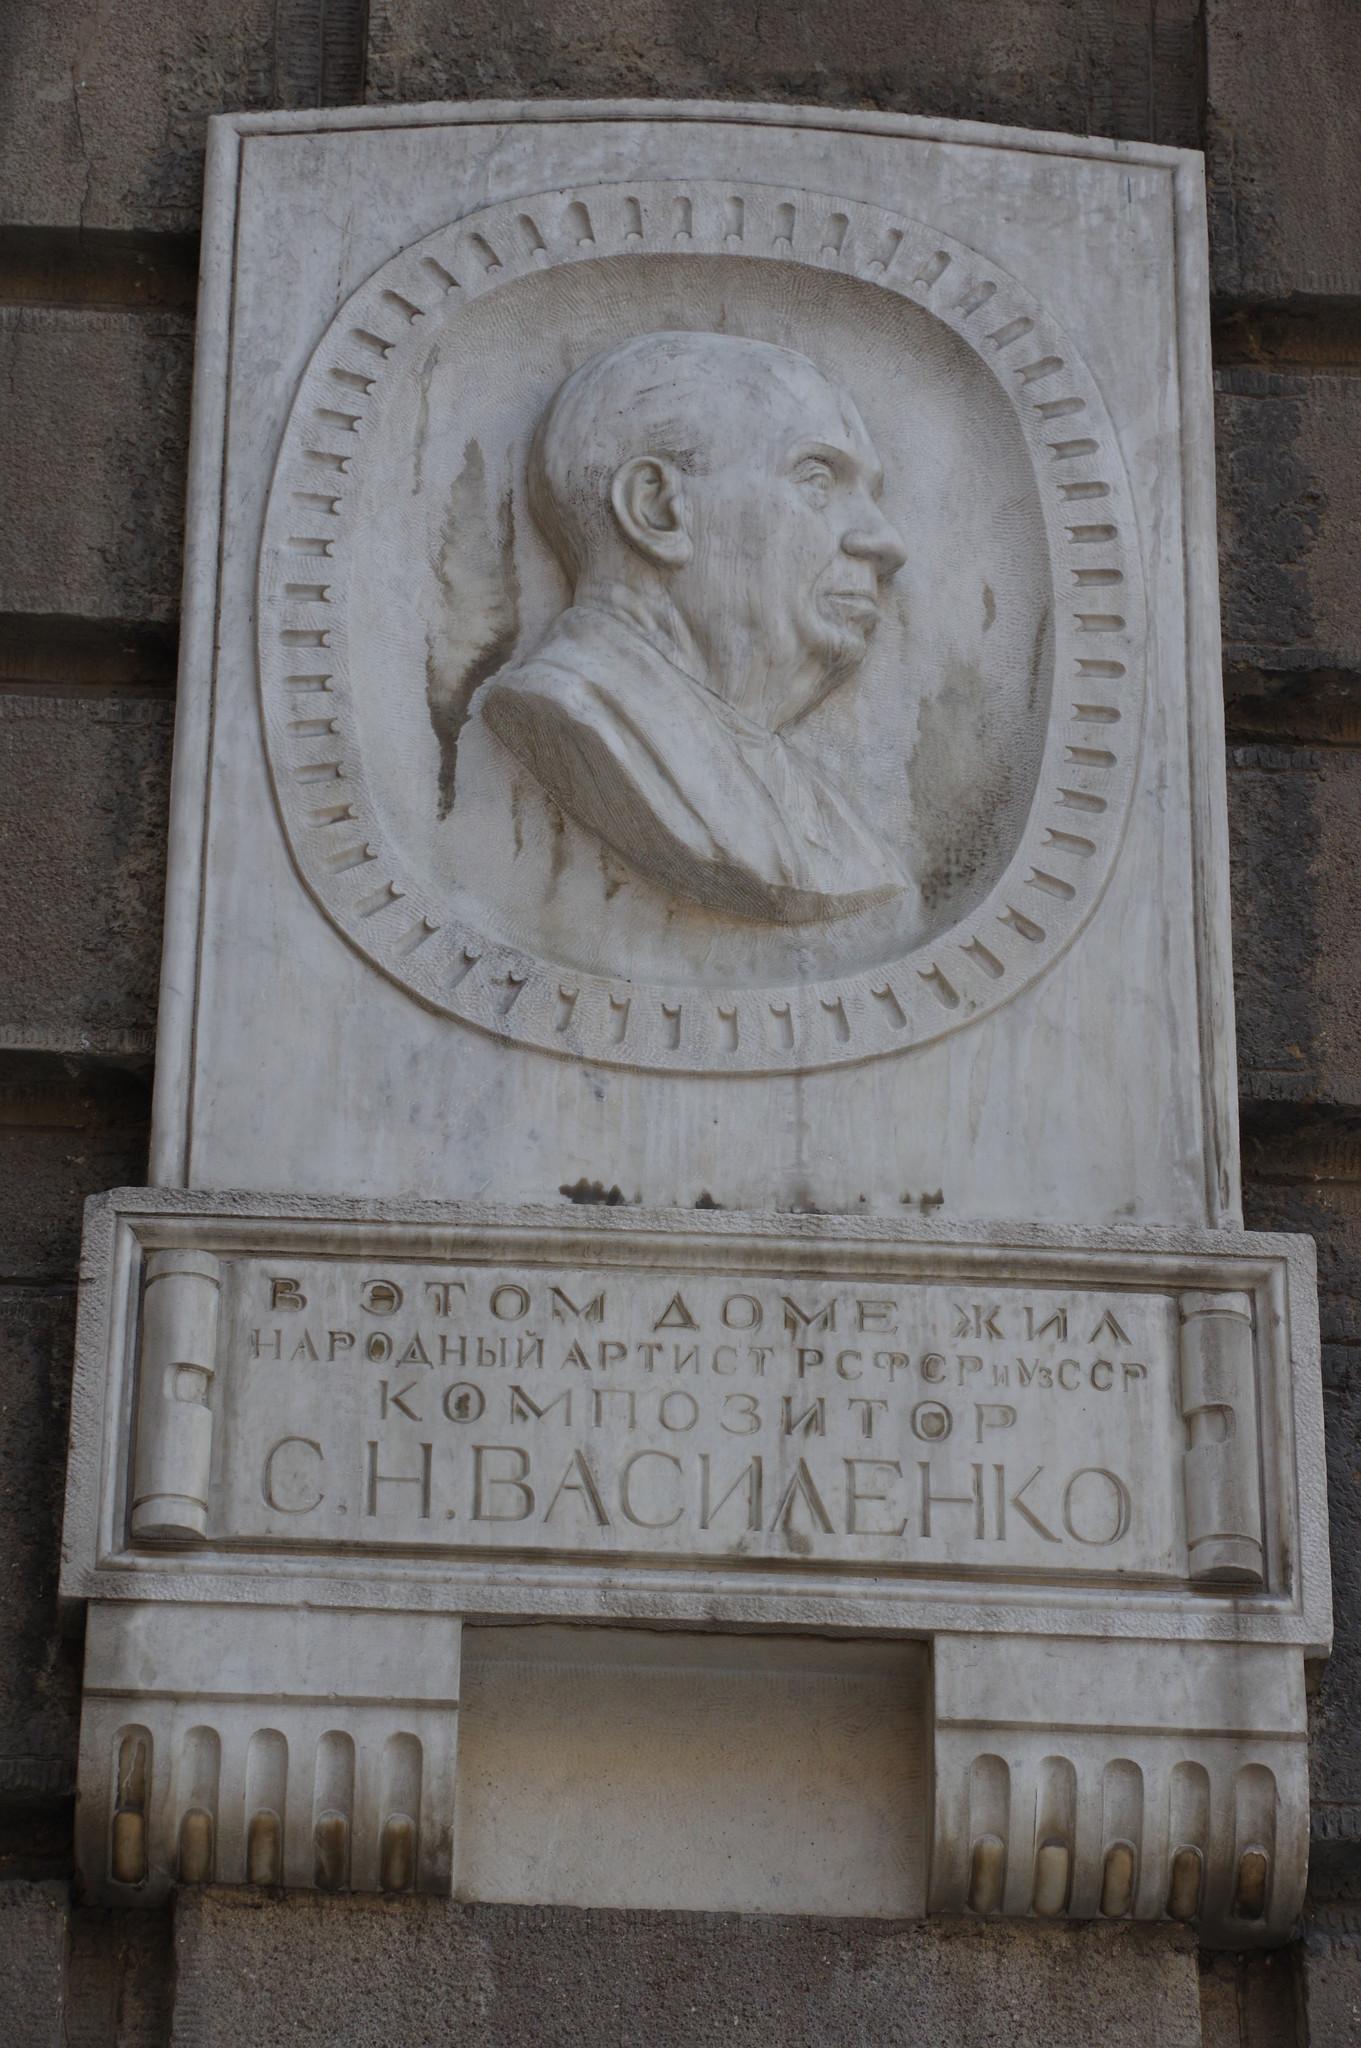 Мемориальная доска на доме, где жил знаменитый композитор С.Н. Василенко (Брюсов переулок, 7)